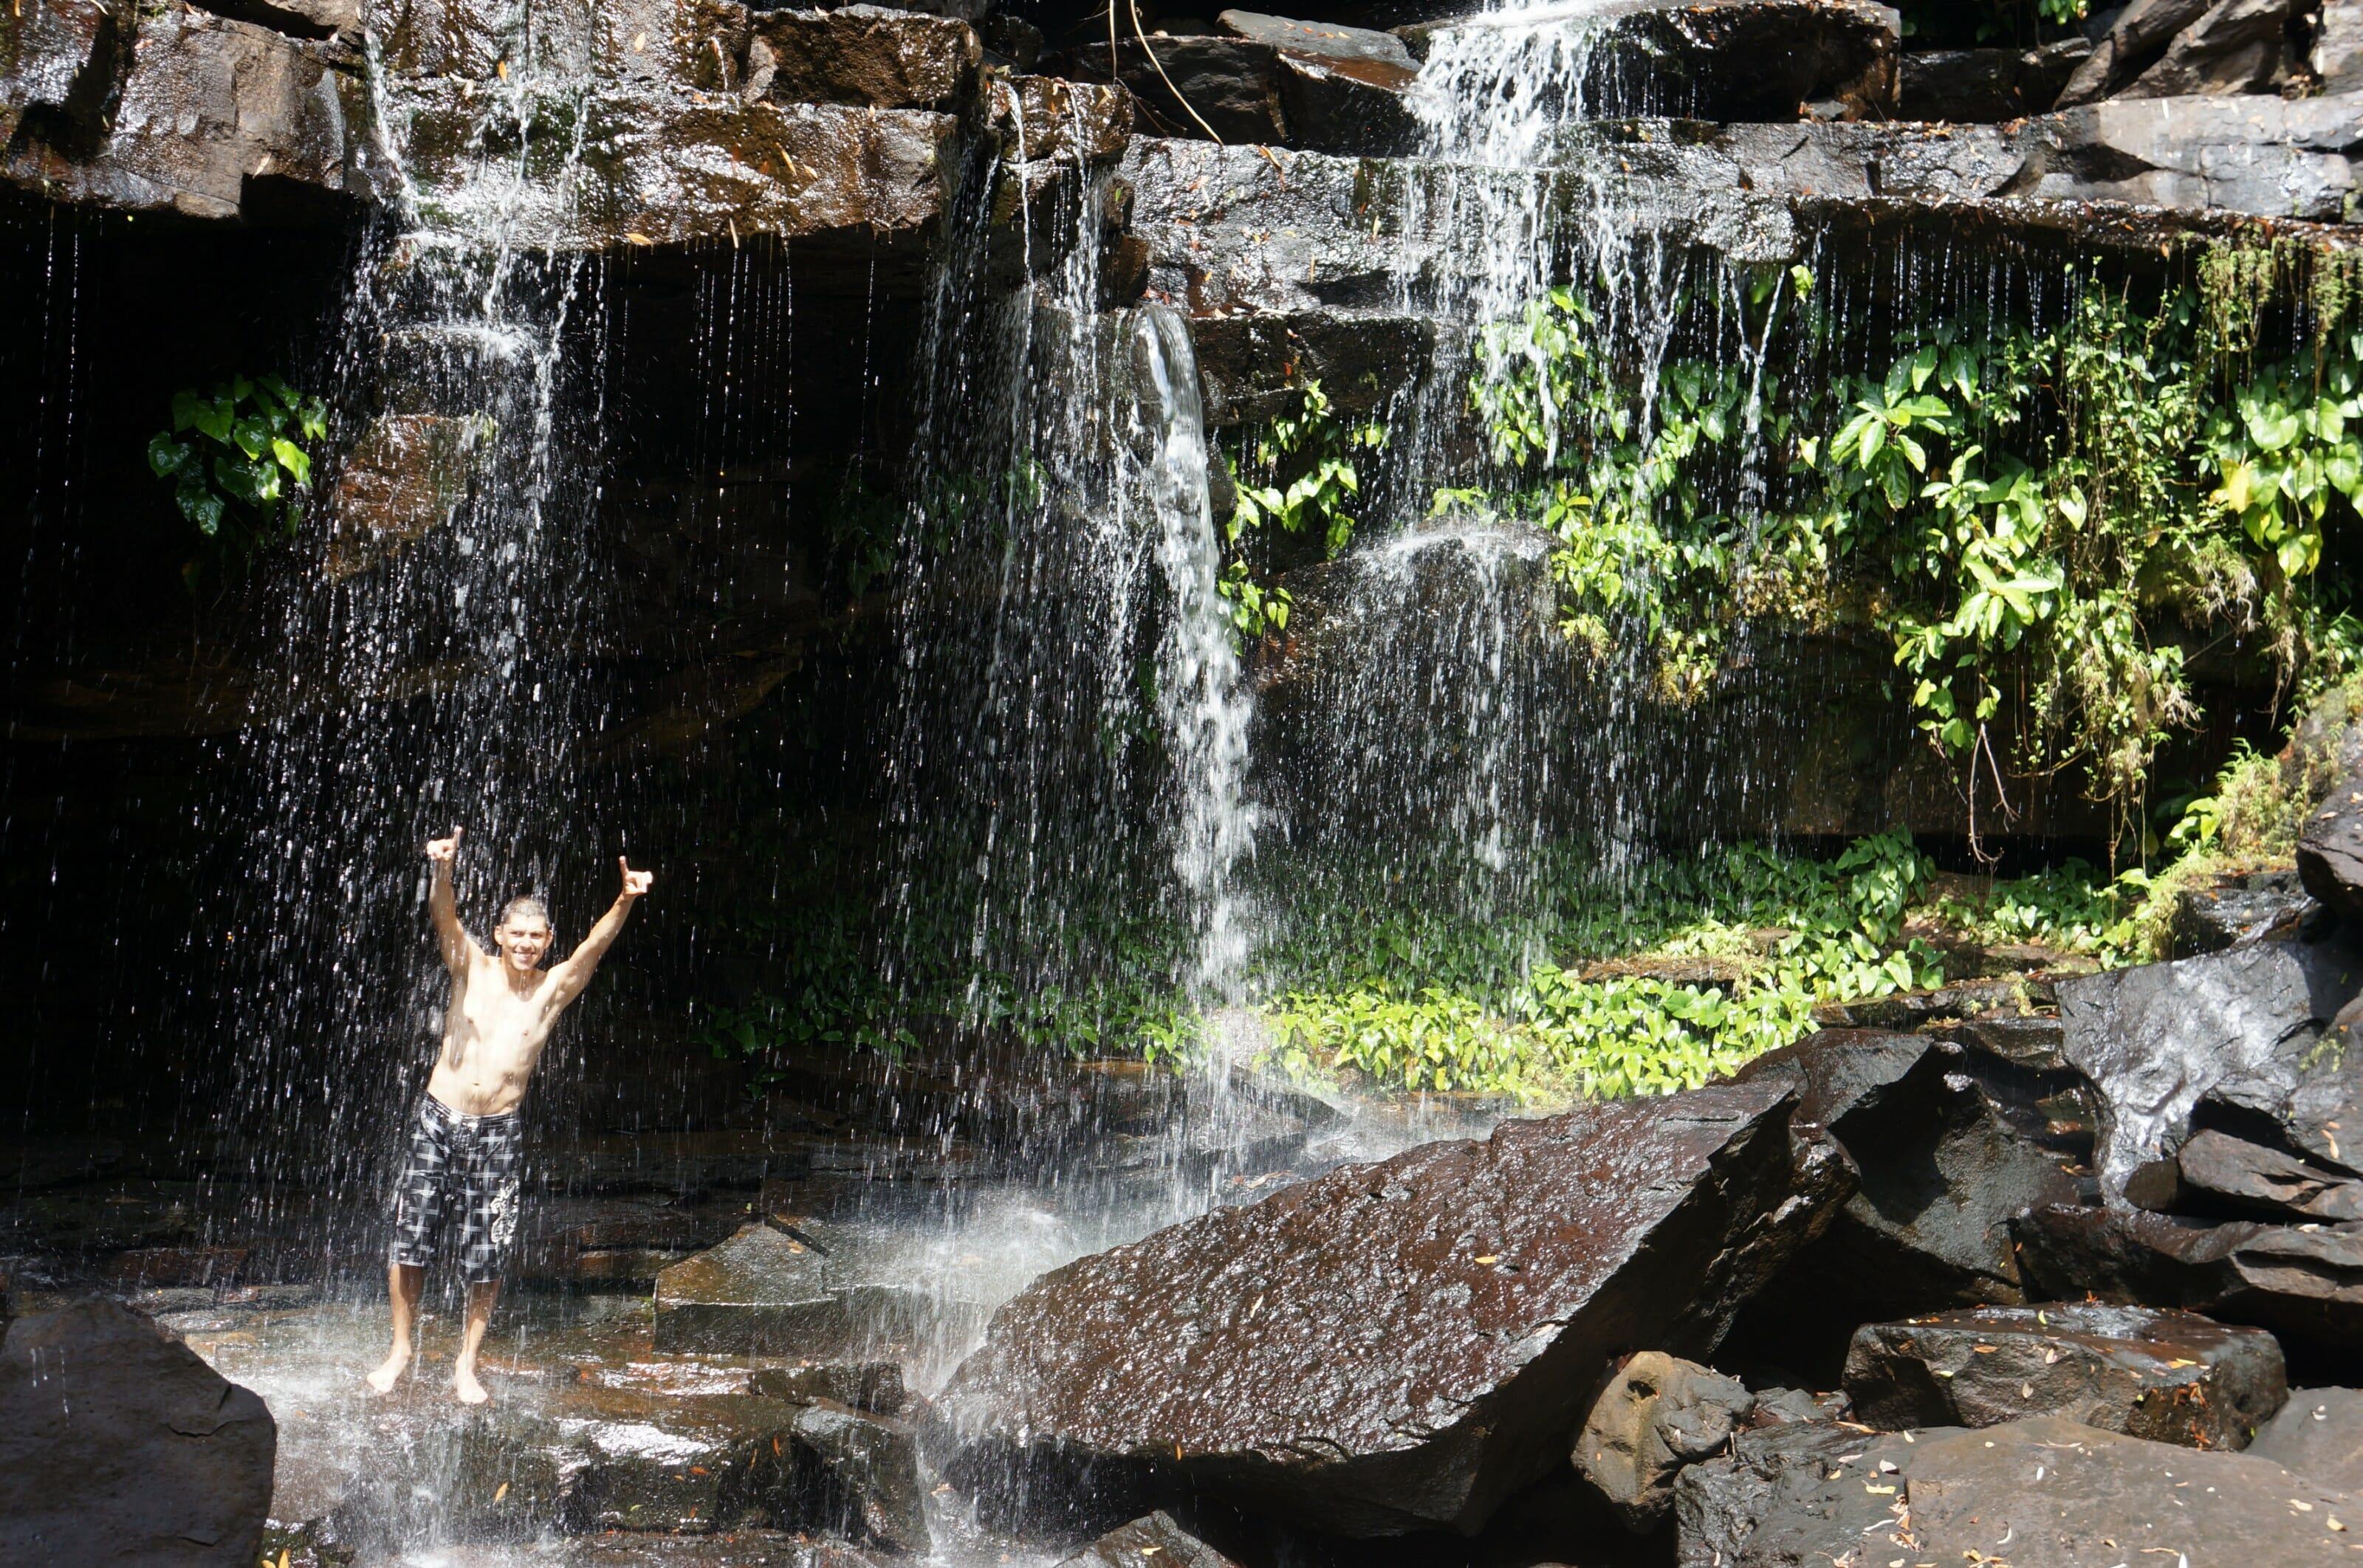 sud du cambodge, paradis